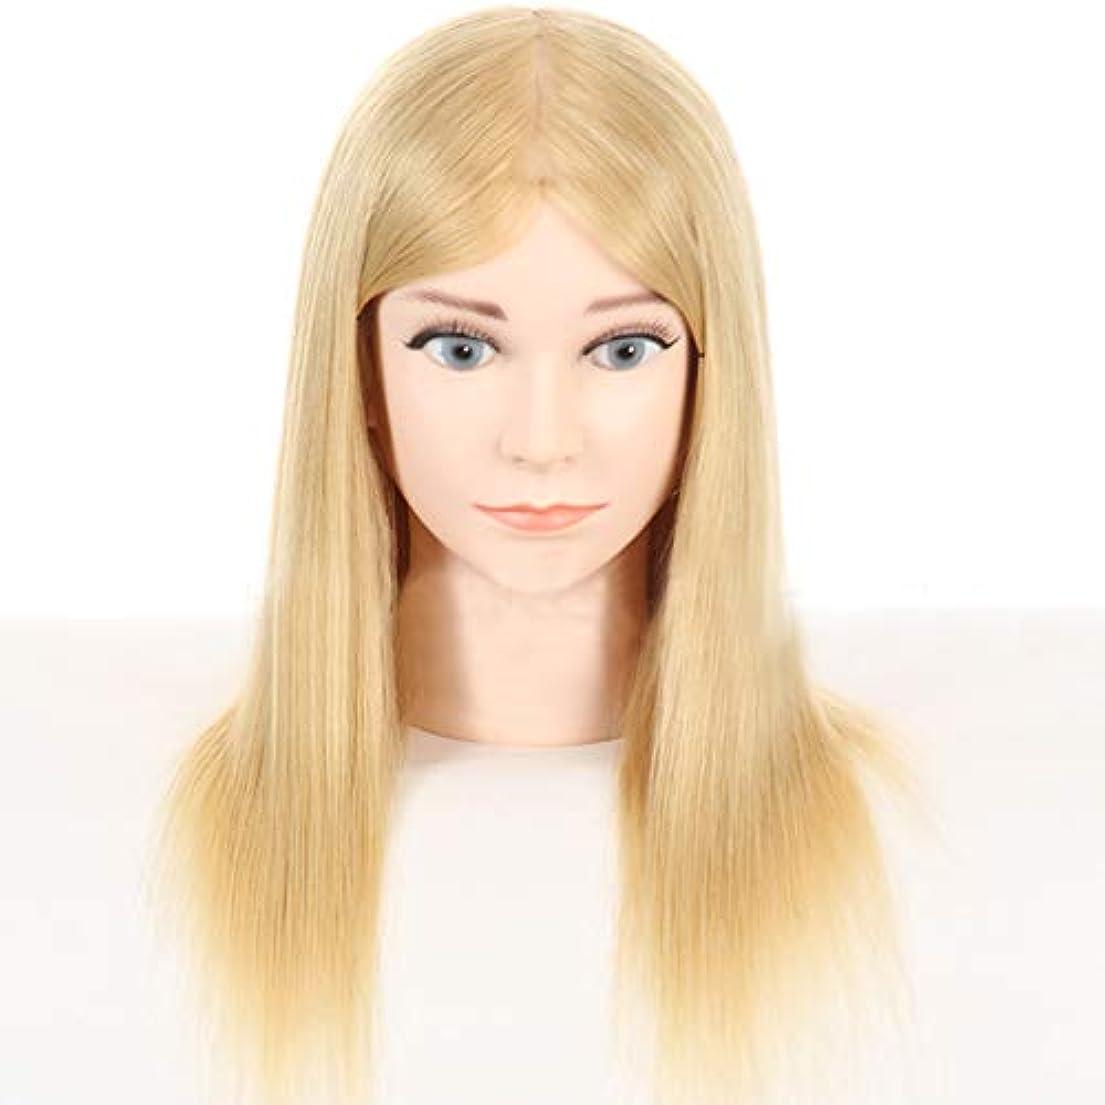 インシュレータ名前天皇本物の人間の髪のかつらの頭の金型の理髪の髪型のスタイリングマネキンの頭の理髪店の練習の練習ダミーヘッド